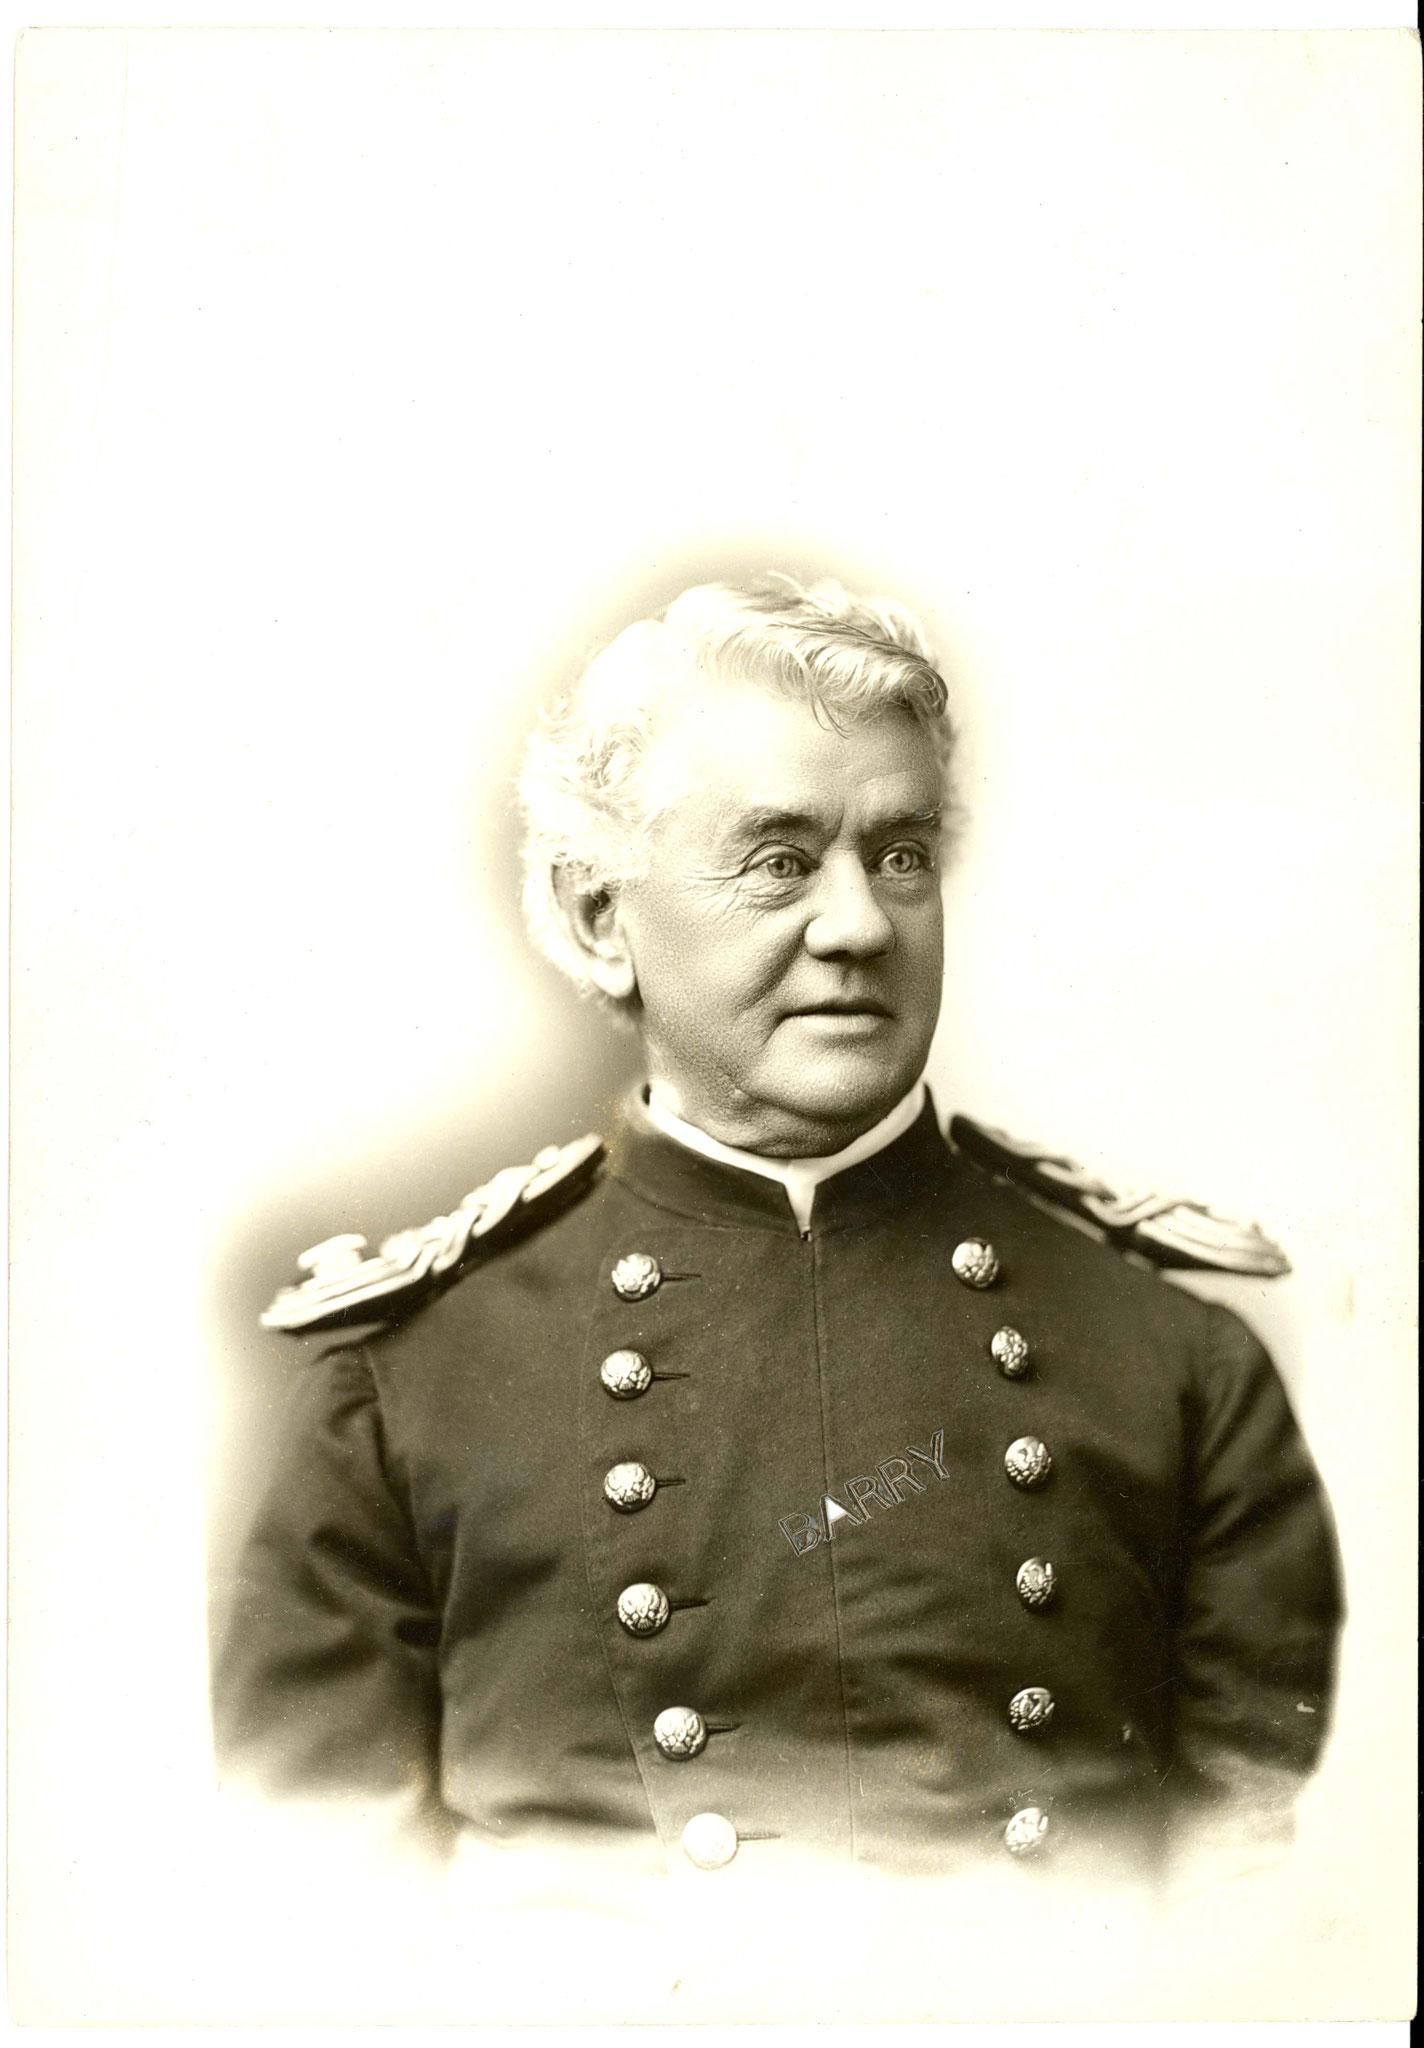 Captain Frederick Benteen